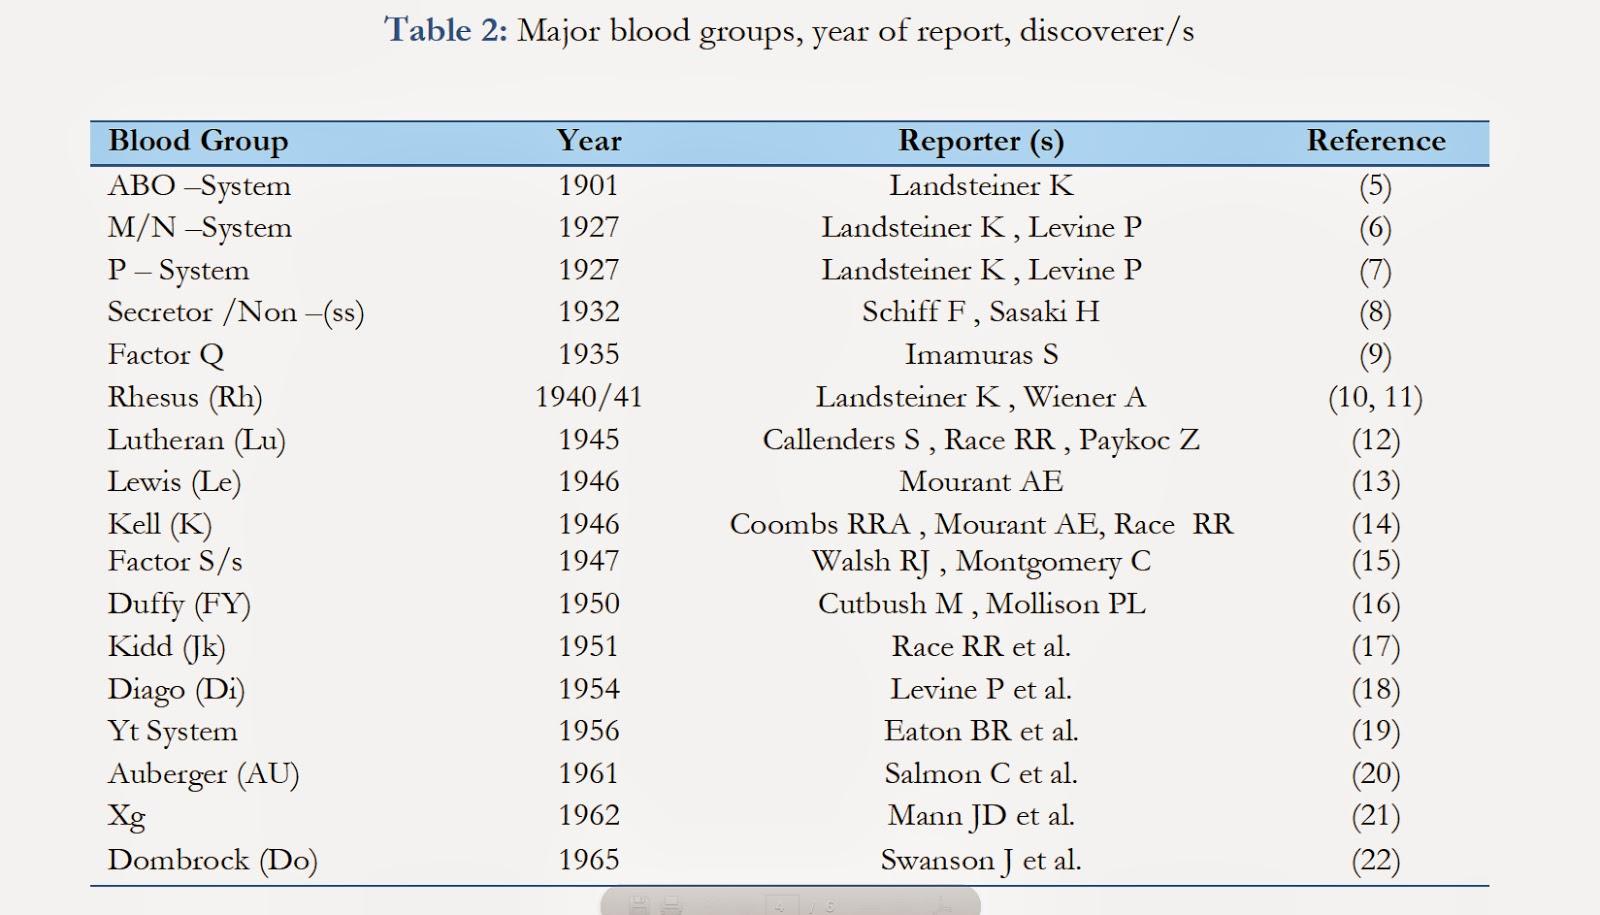 cual es el grupo sanguineo mas raro del mundo